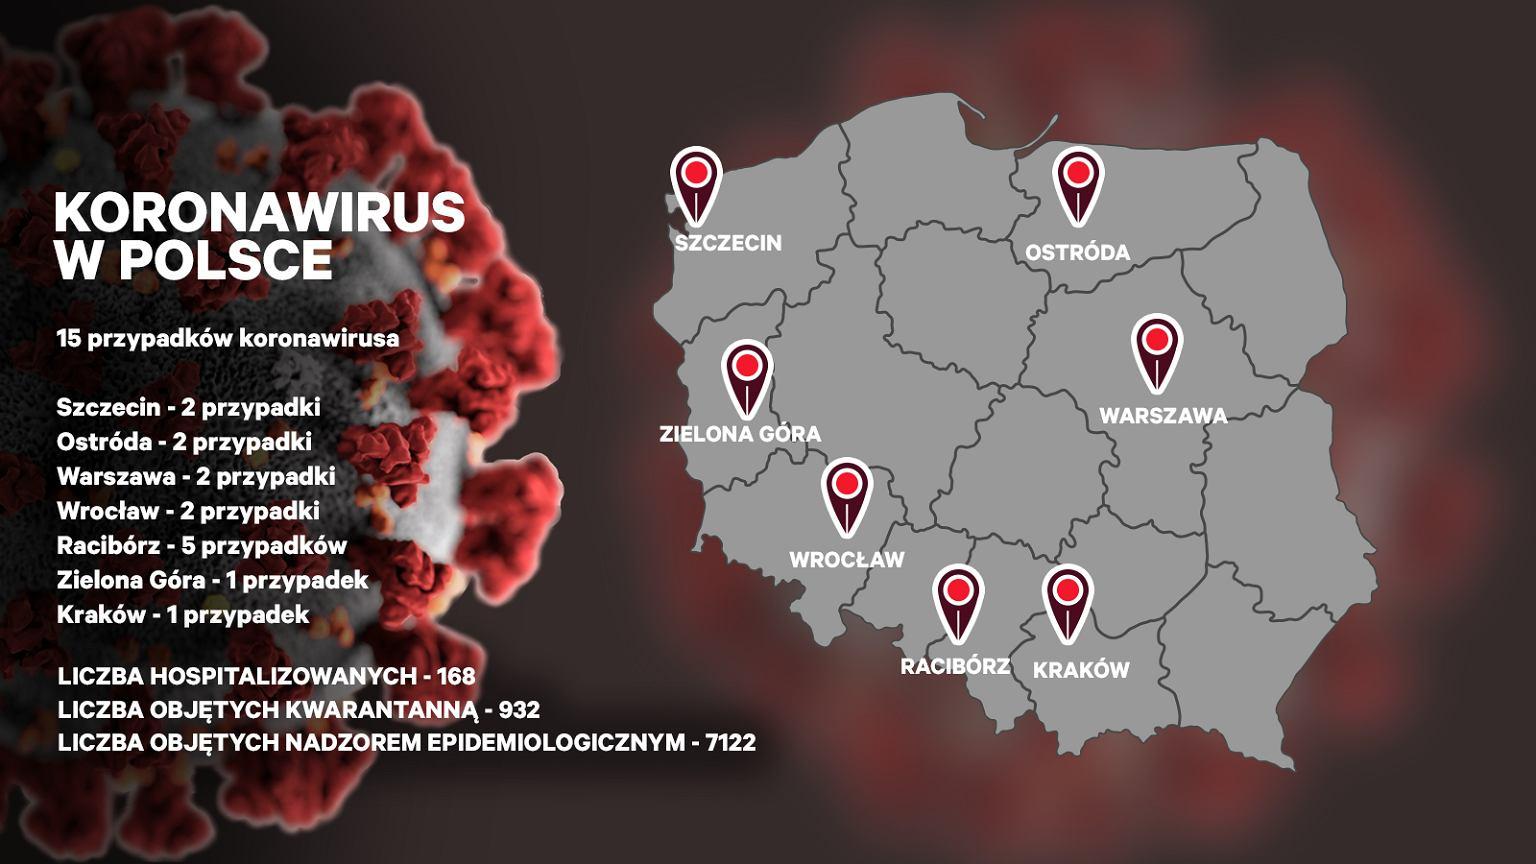 15 Przypadek Koronawirusa Wykryty W Raciborzu Gdzie W Polsce